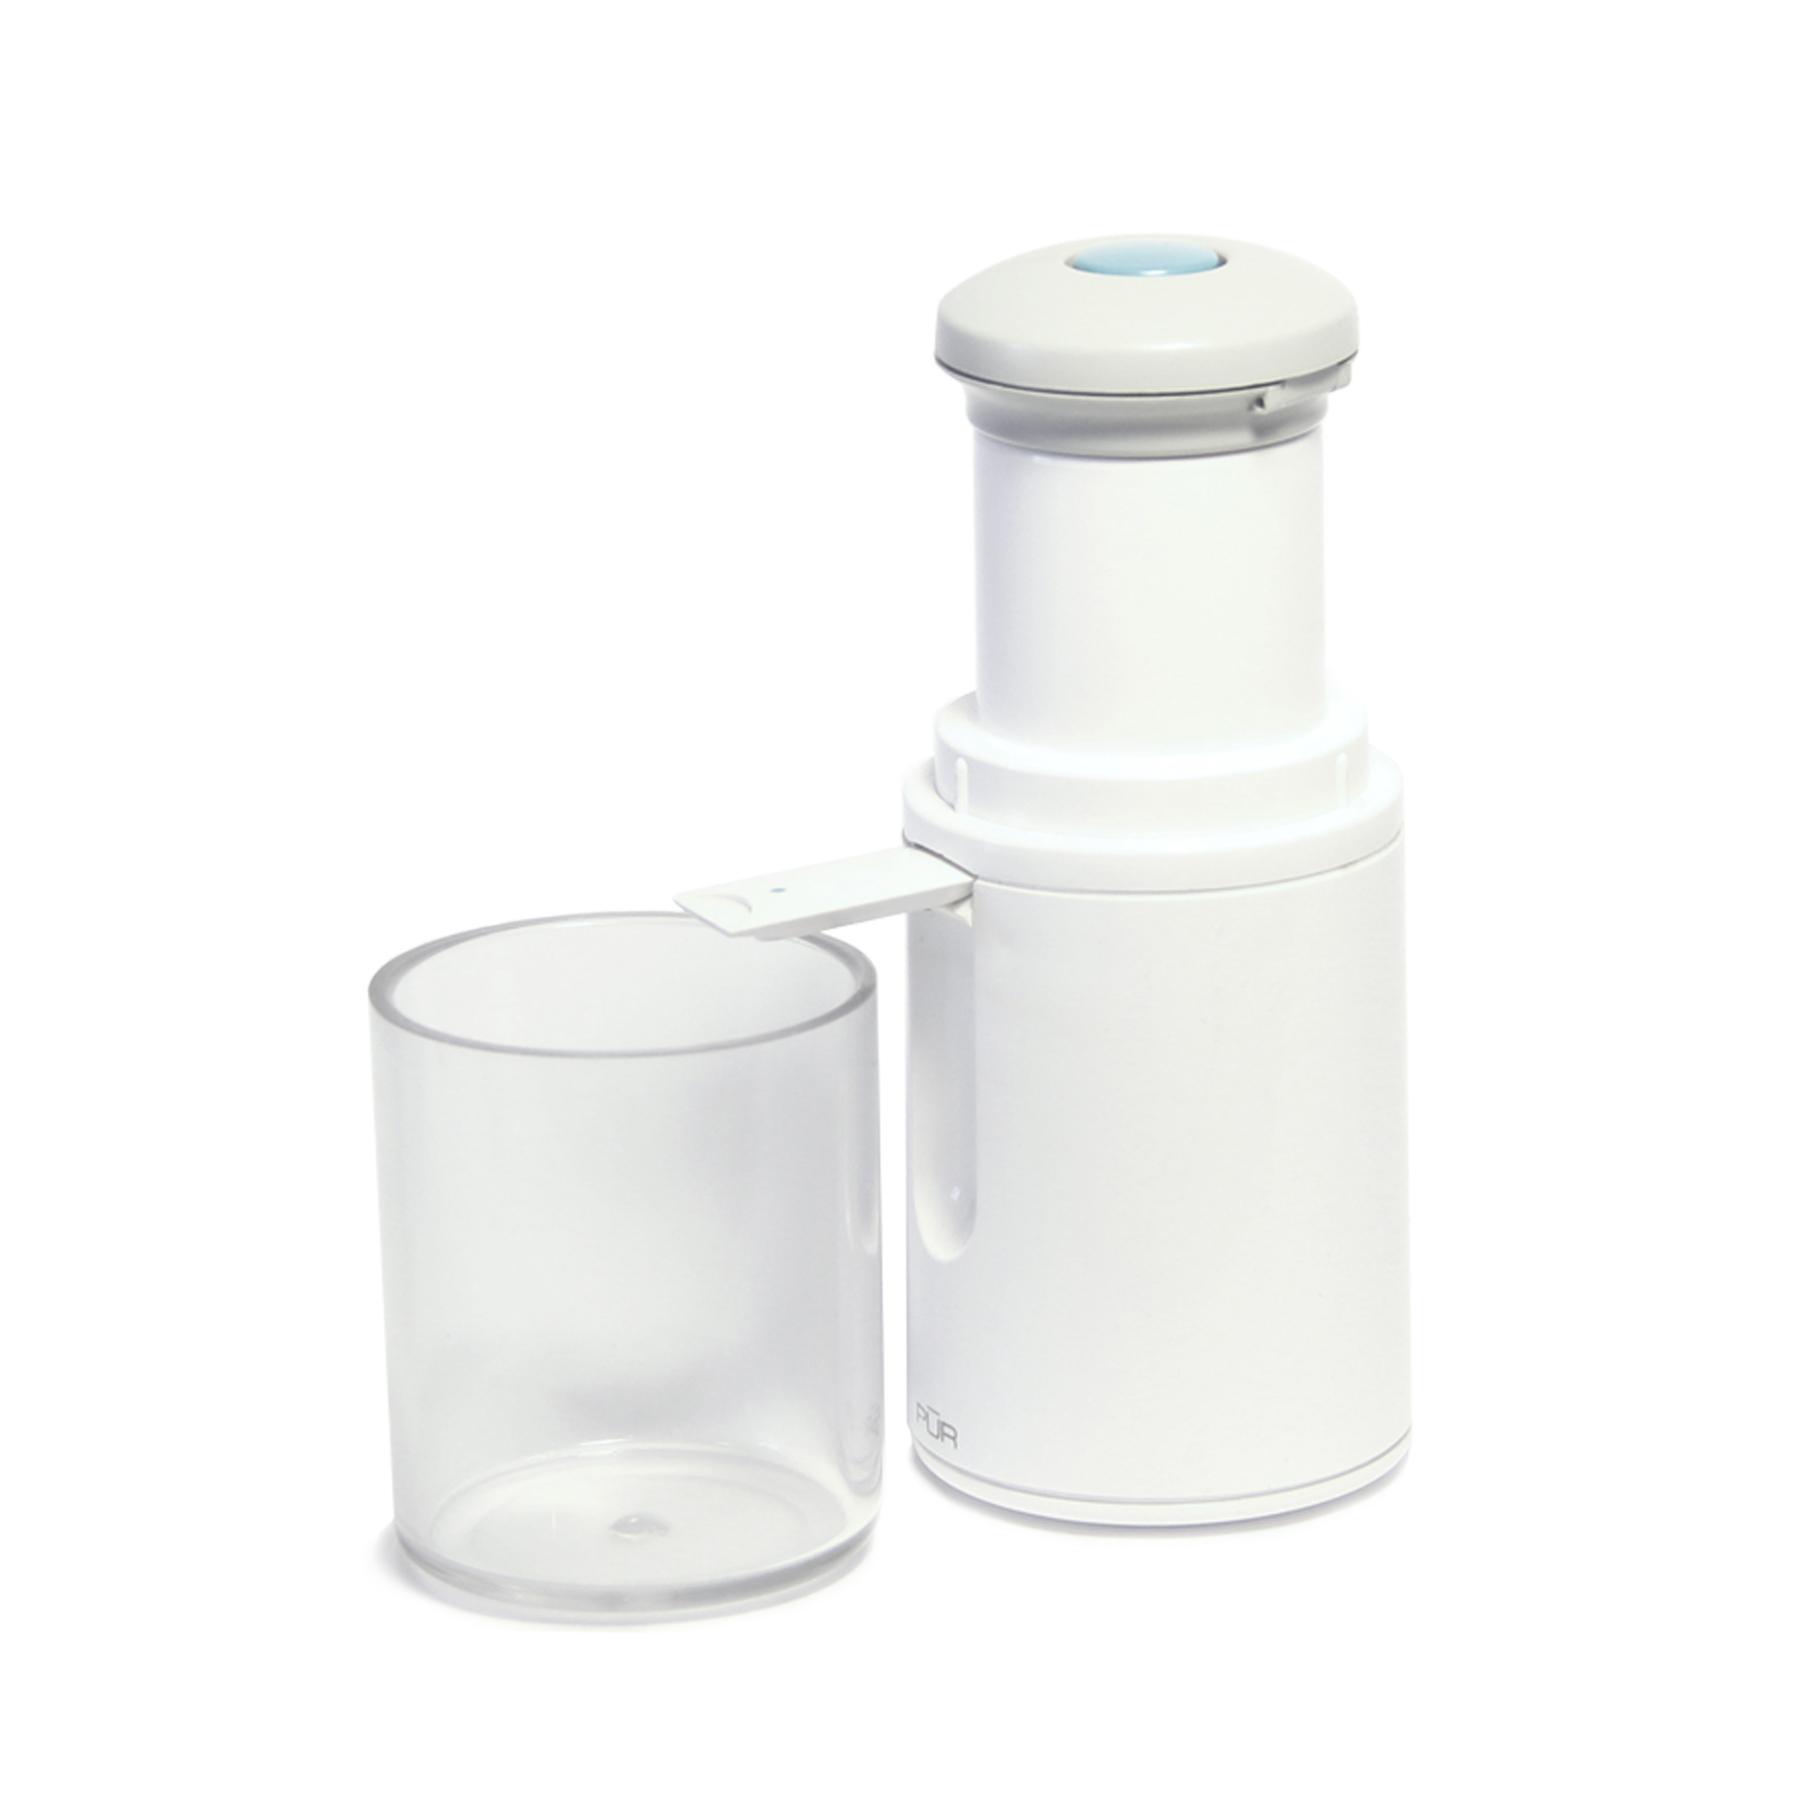 pur_portable_cup_down_1.jpg